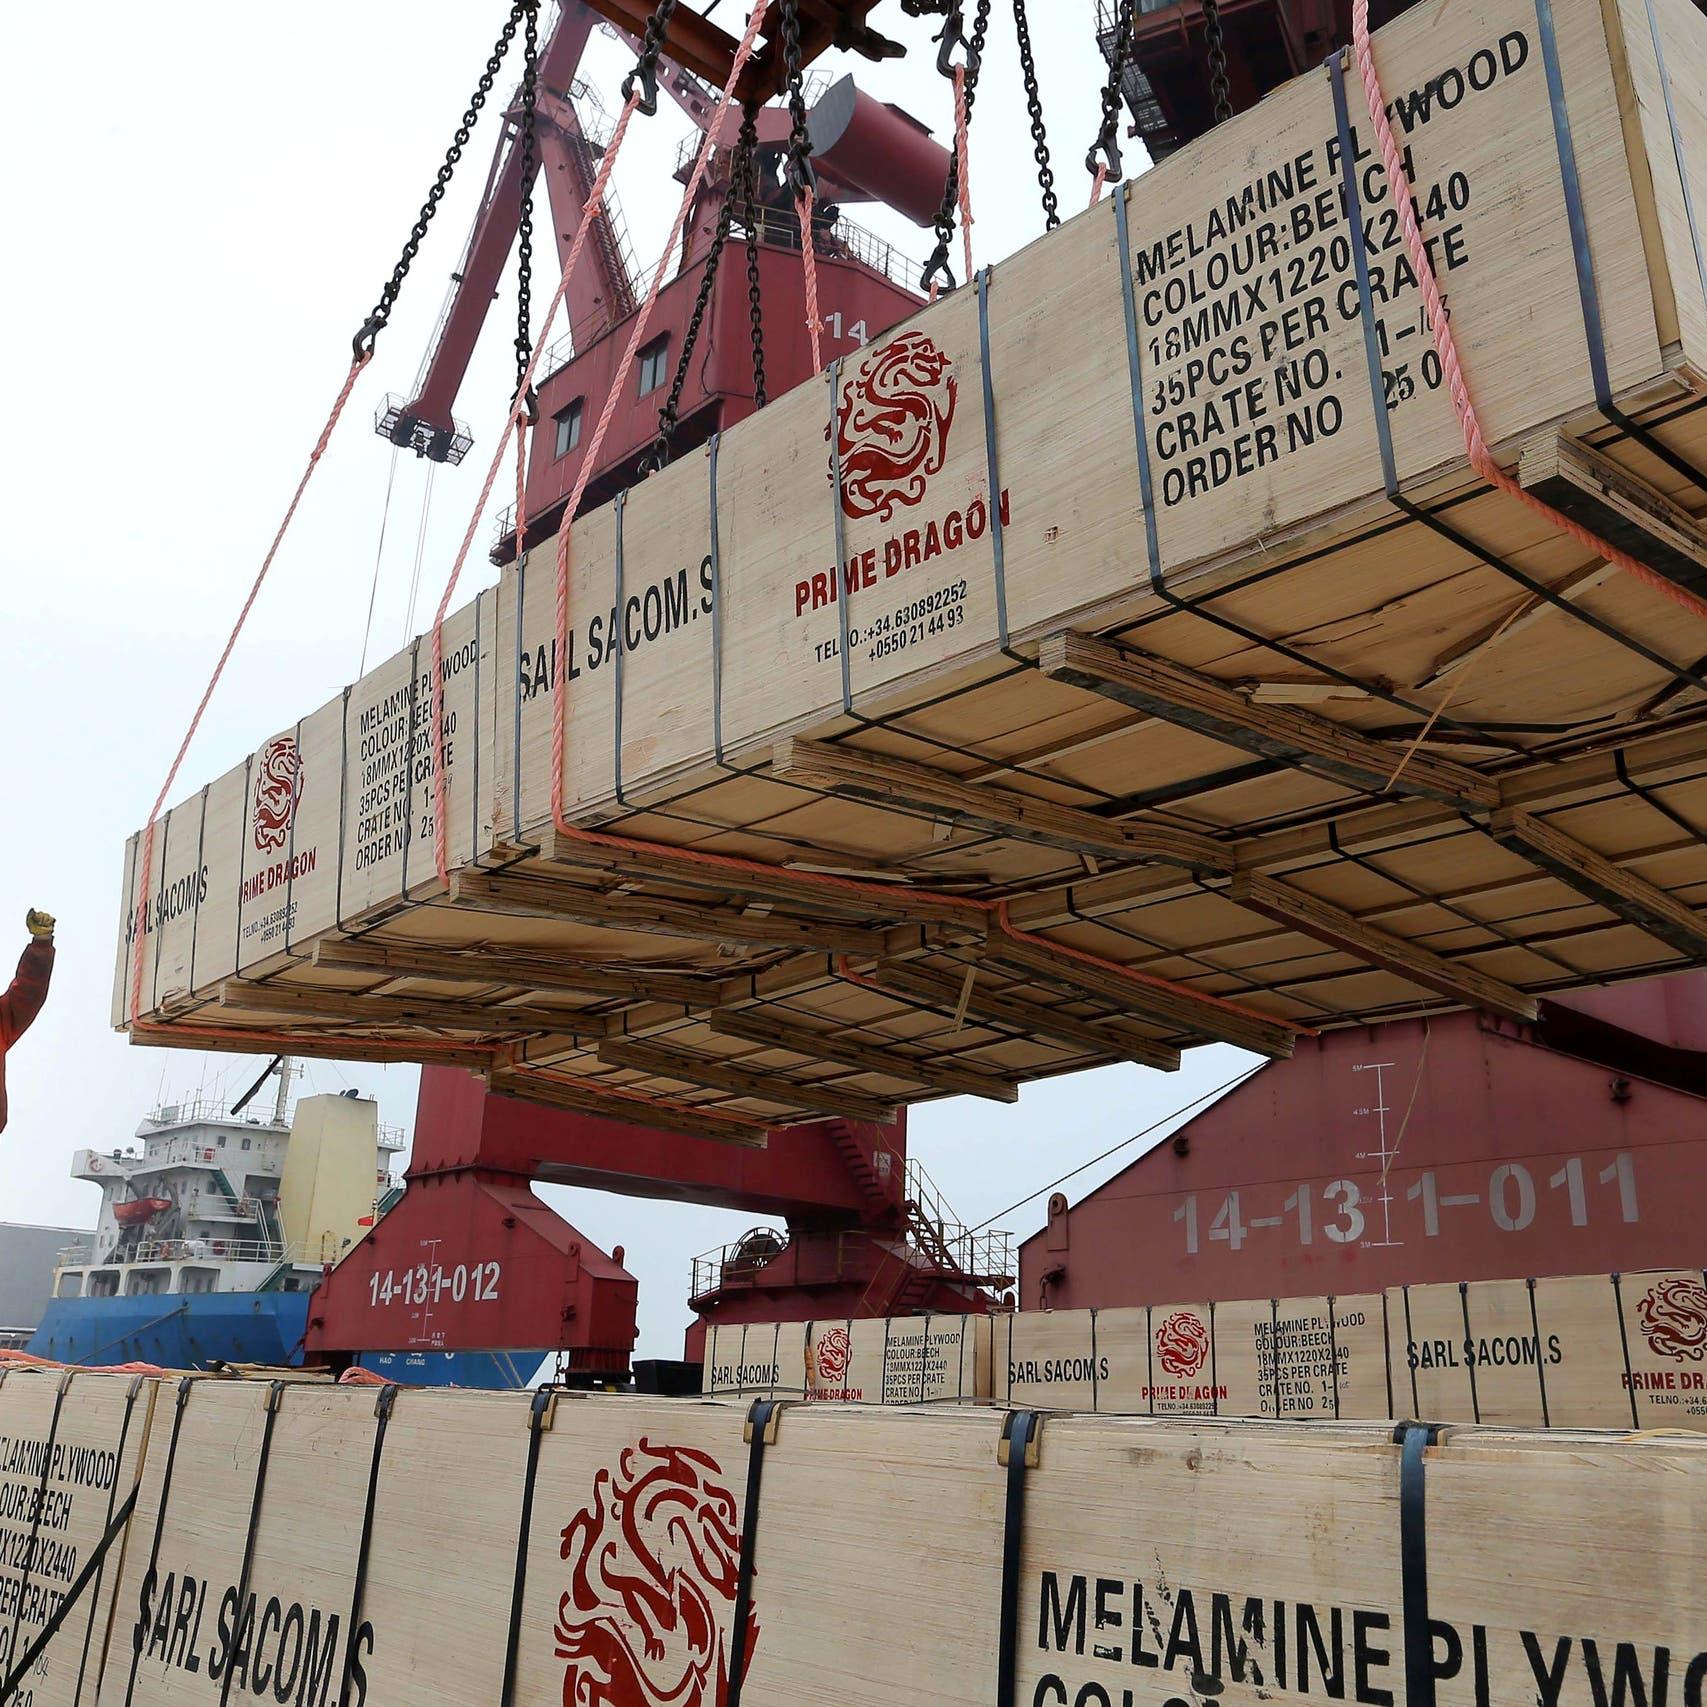 تجارة الصين تزدهر مع الطلب العالمي.. واحتياطيات النقد الأجنبي ترتفع